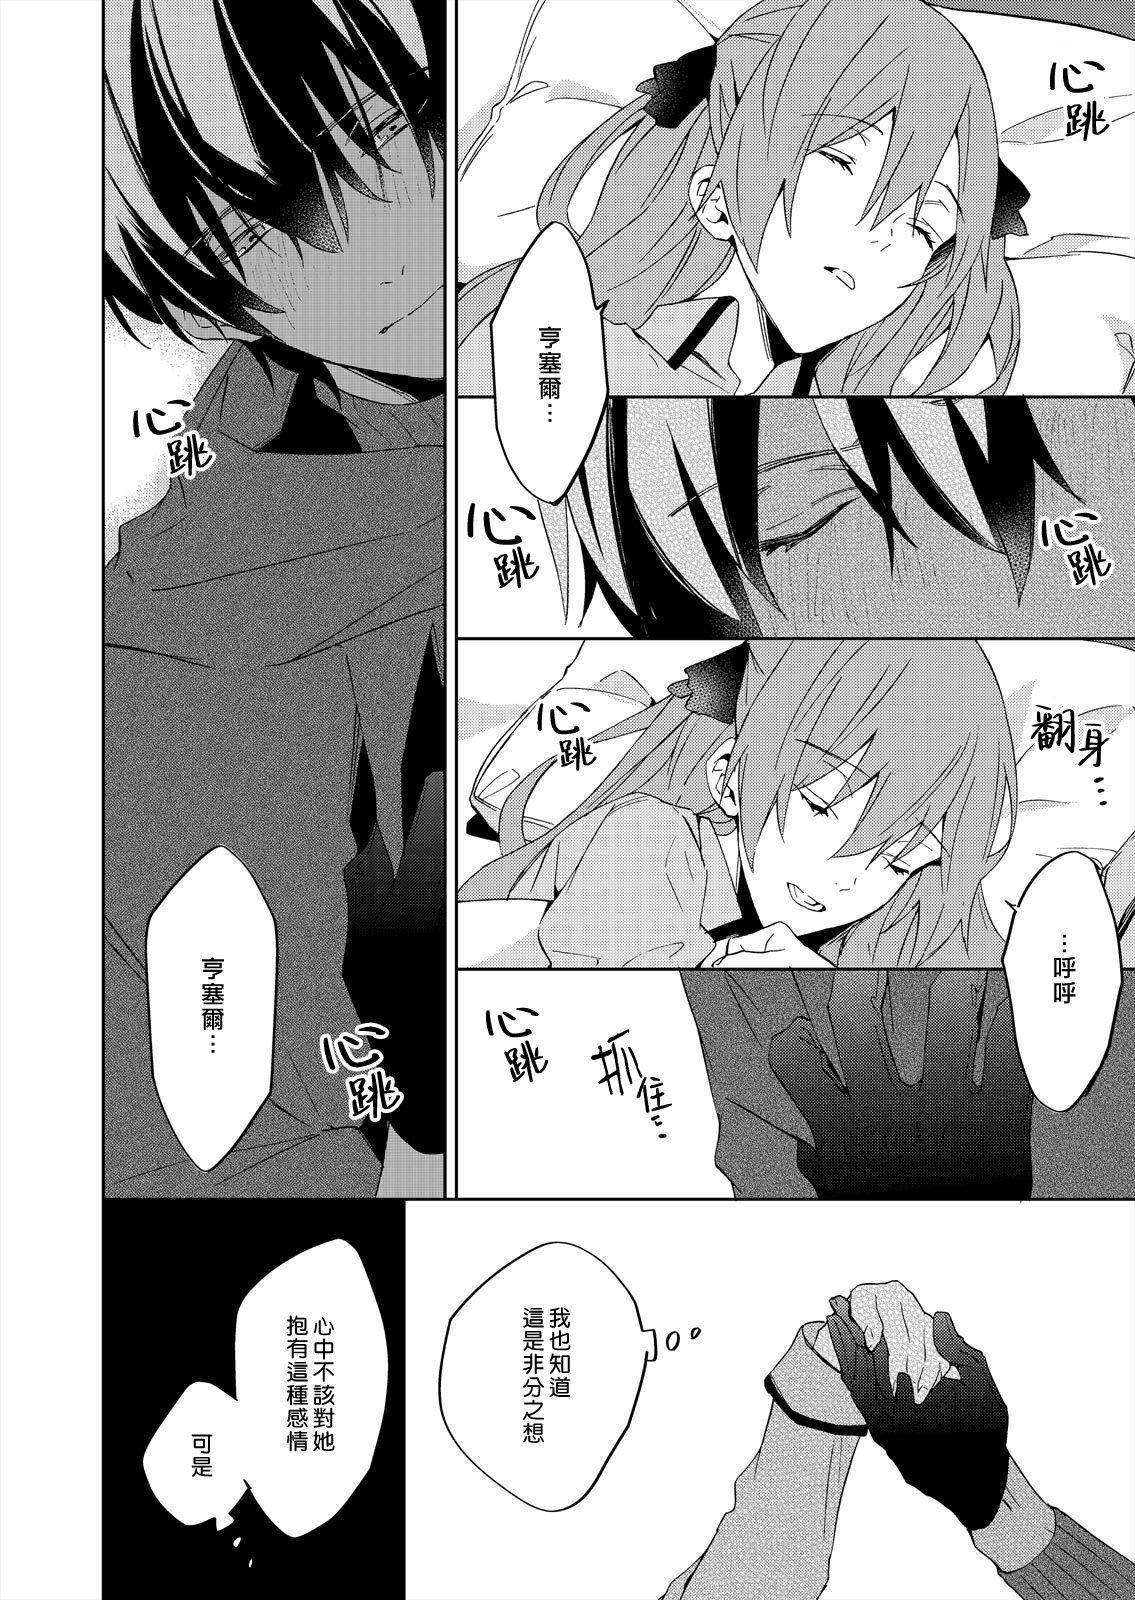 [Yuzushiwo] Akuyaku Reijou wa Ichizu ni Dekiai sarete ~Noumitsu Sex no Aite wa Juuboku~ | 被疯狂溺爱的反派大小姐~浓密性爱对象是仆从~ 1-5 [Chinese] [莉赛特汉化组] 35